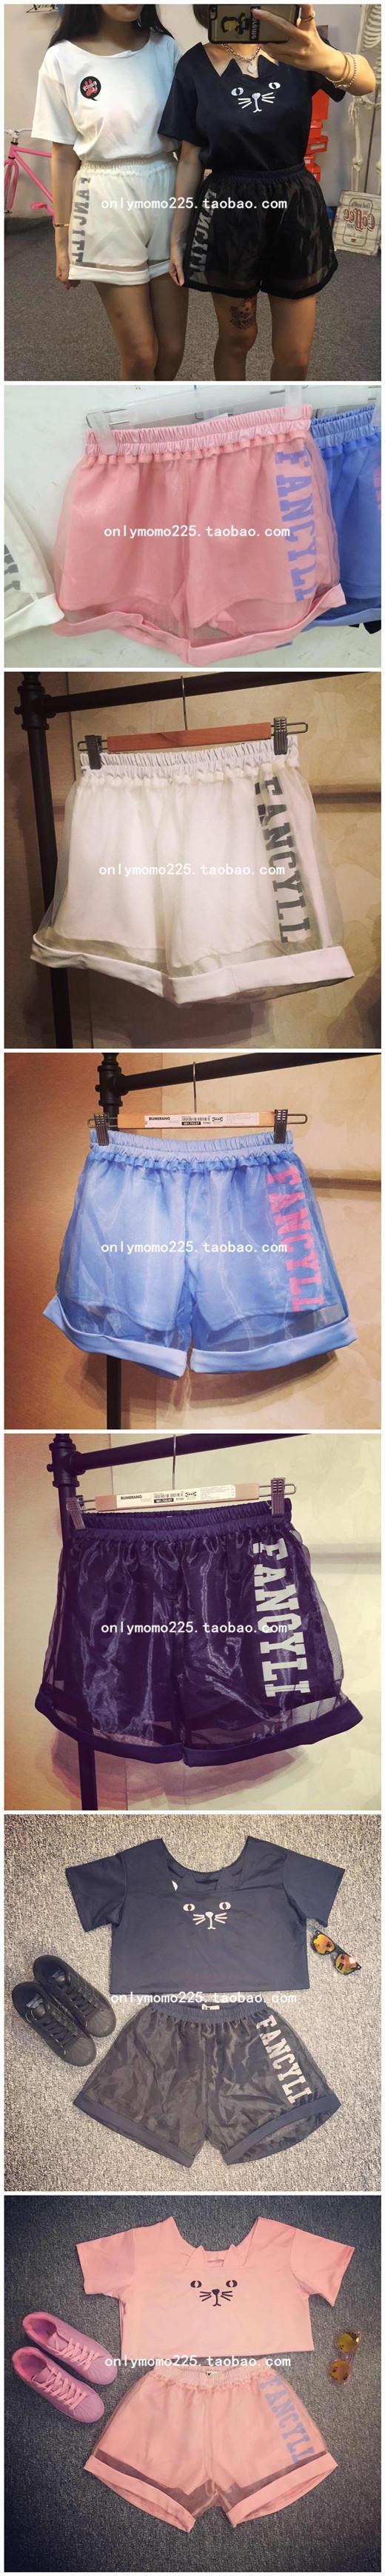 日本原宿zipper ayumi 軟妹古著暗黑少女學院風拼接網紗字母短褲-淘寶台灣,萬能的淘寶